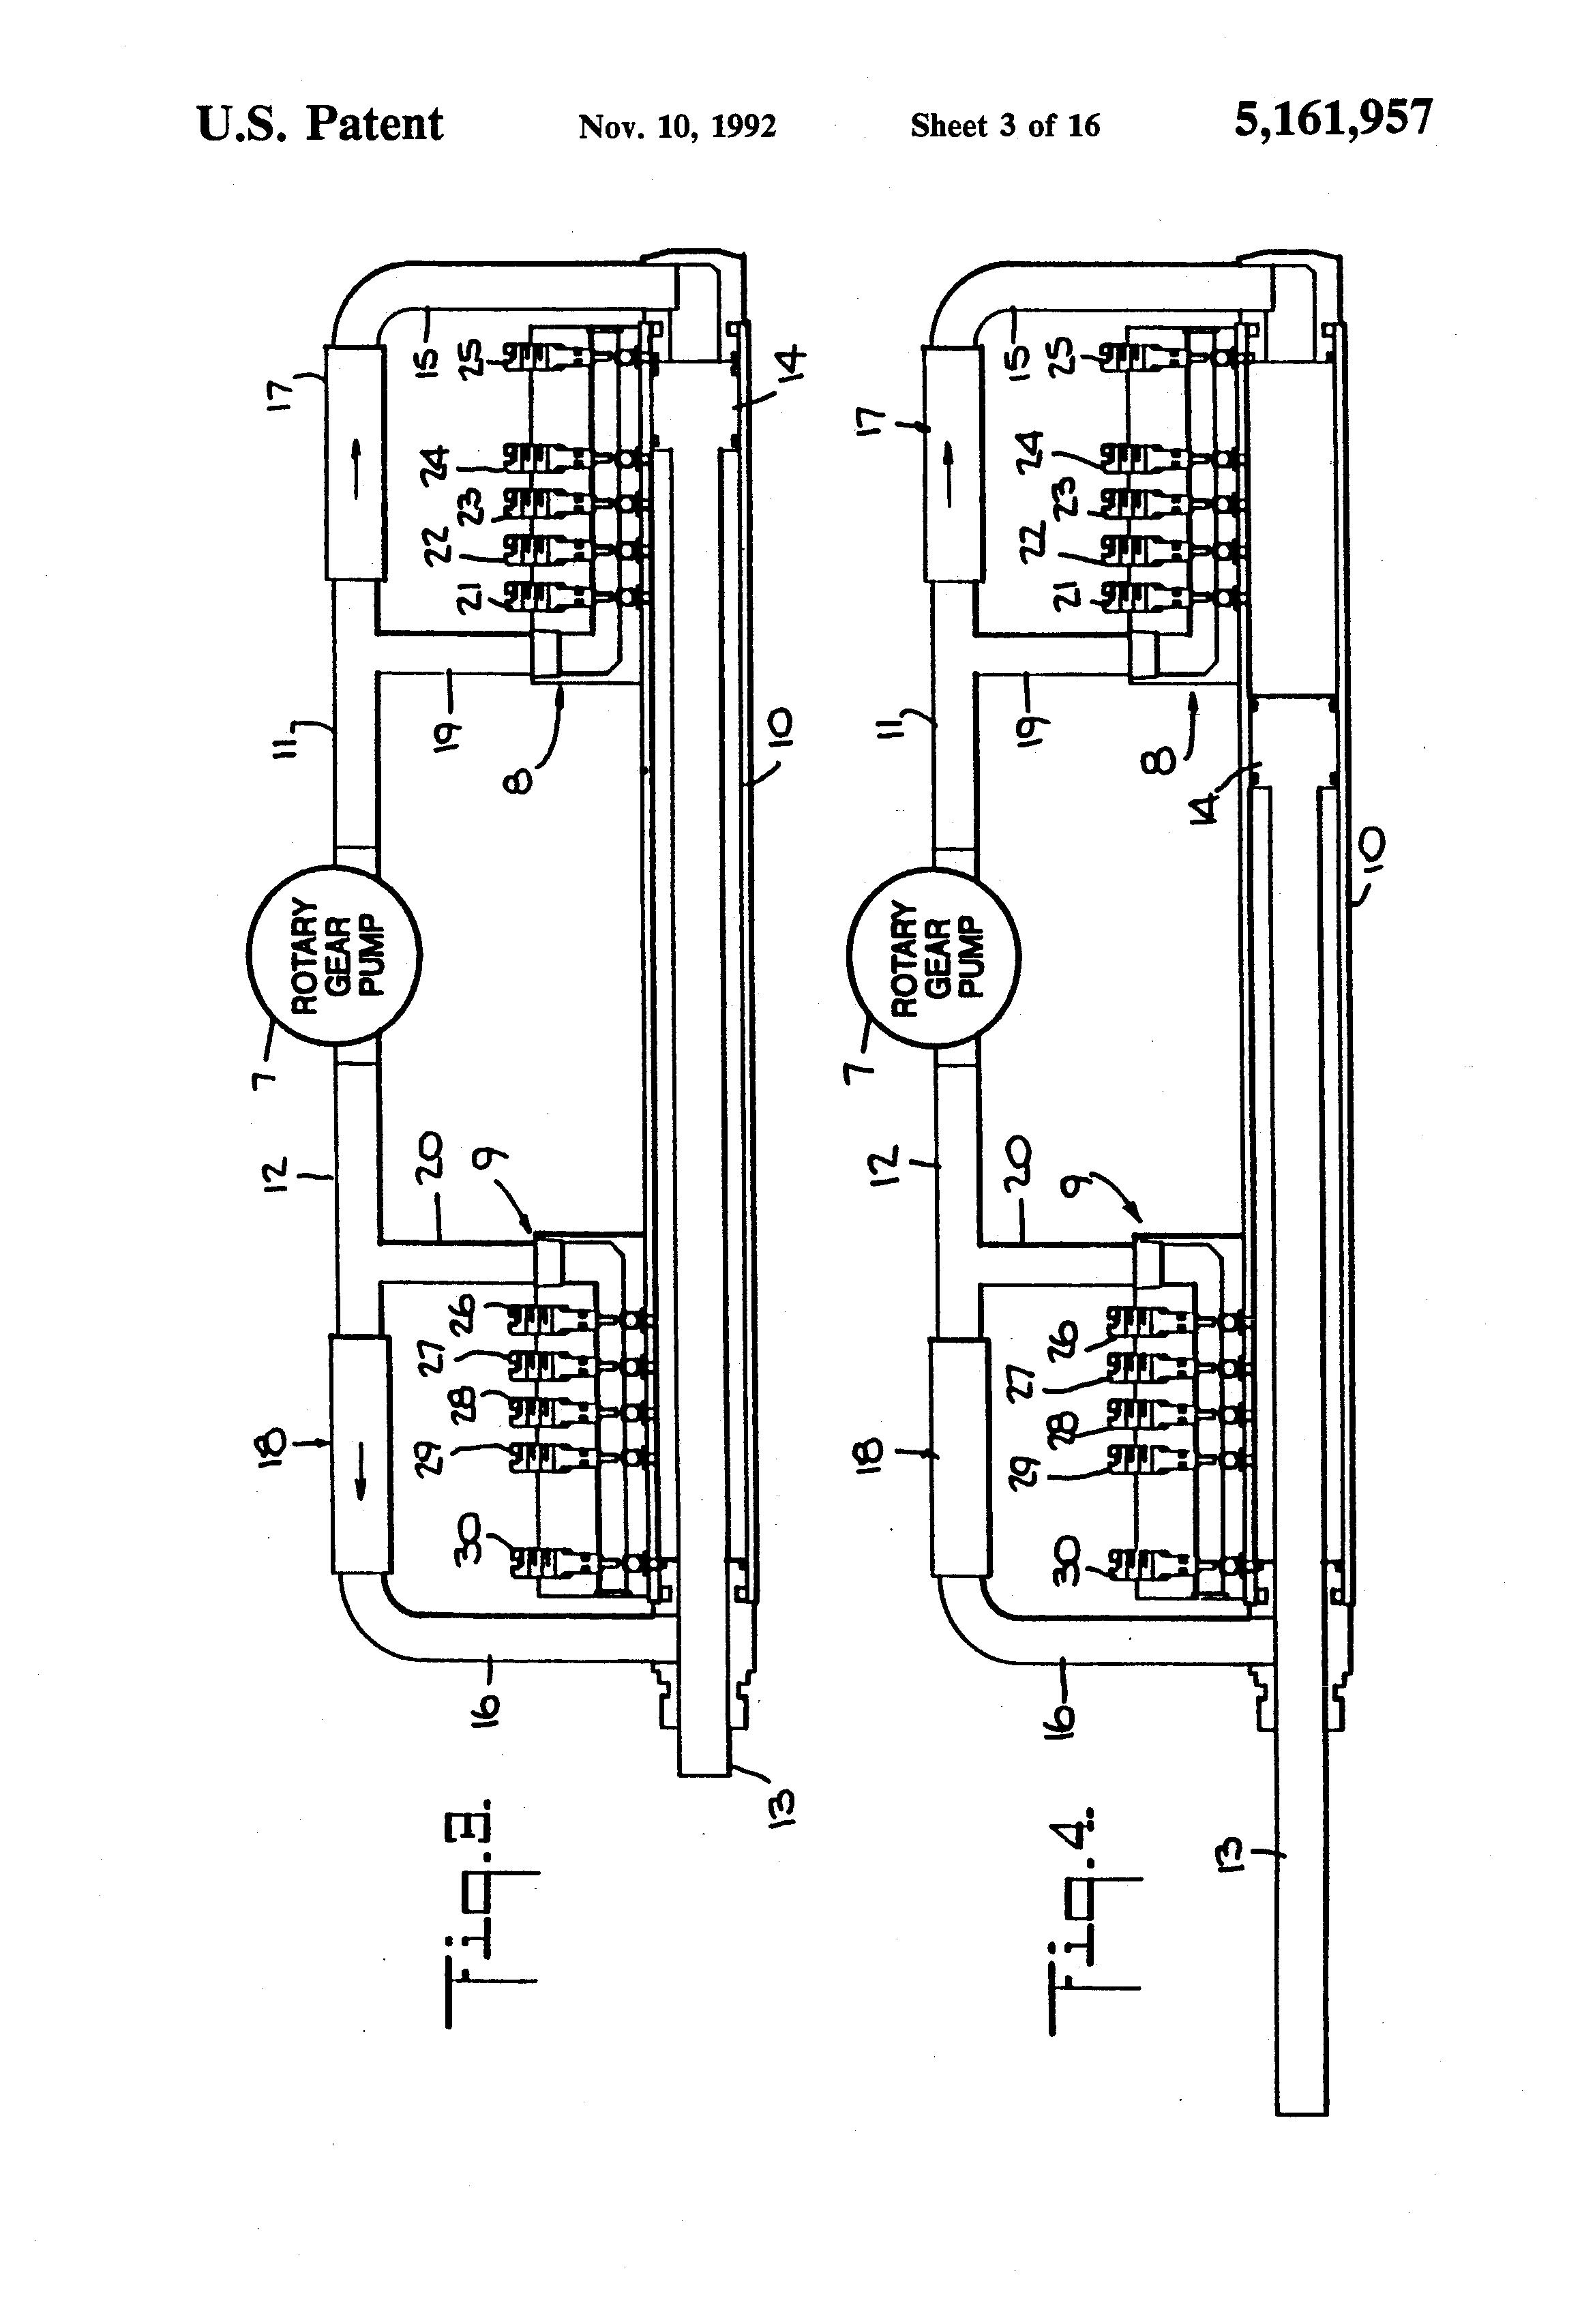 Kubota B7100 Wiring Diagram Bx Tractor Diagrams